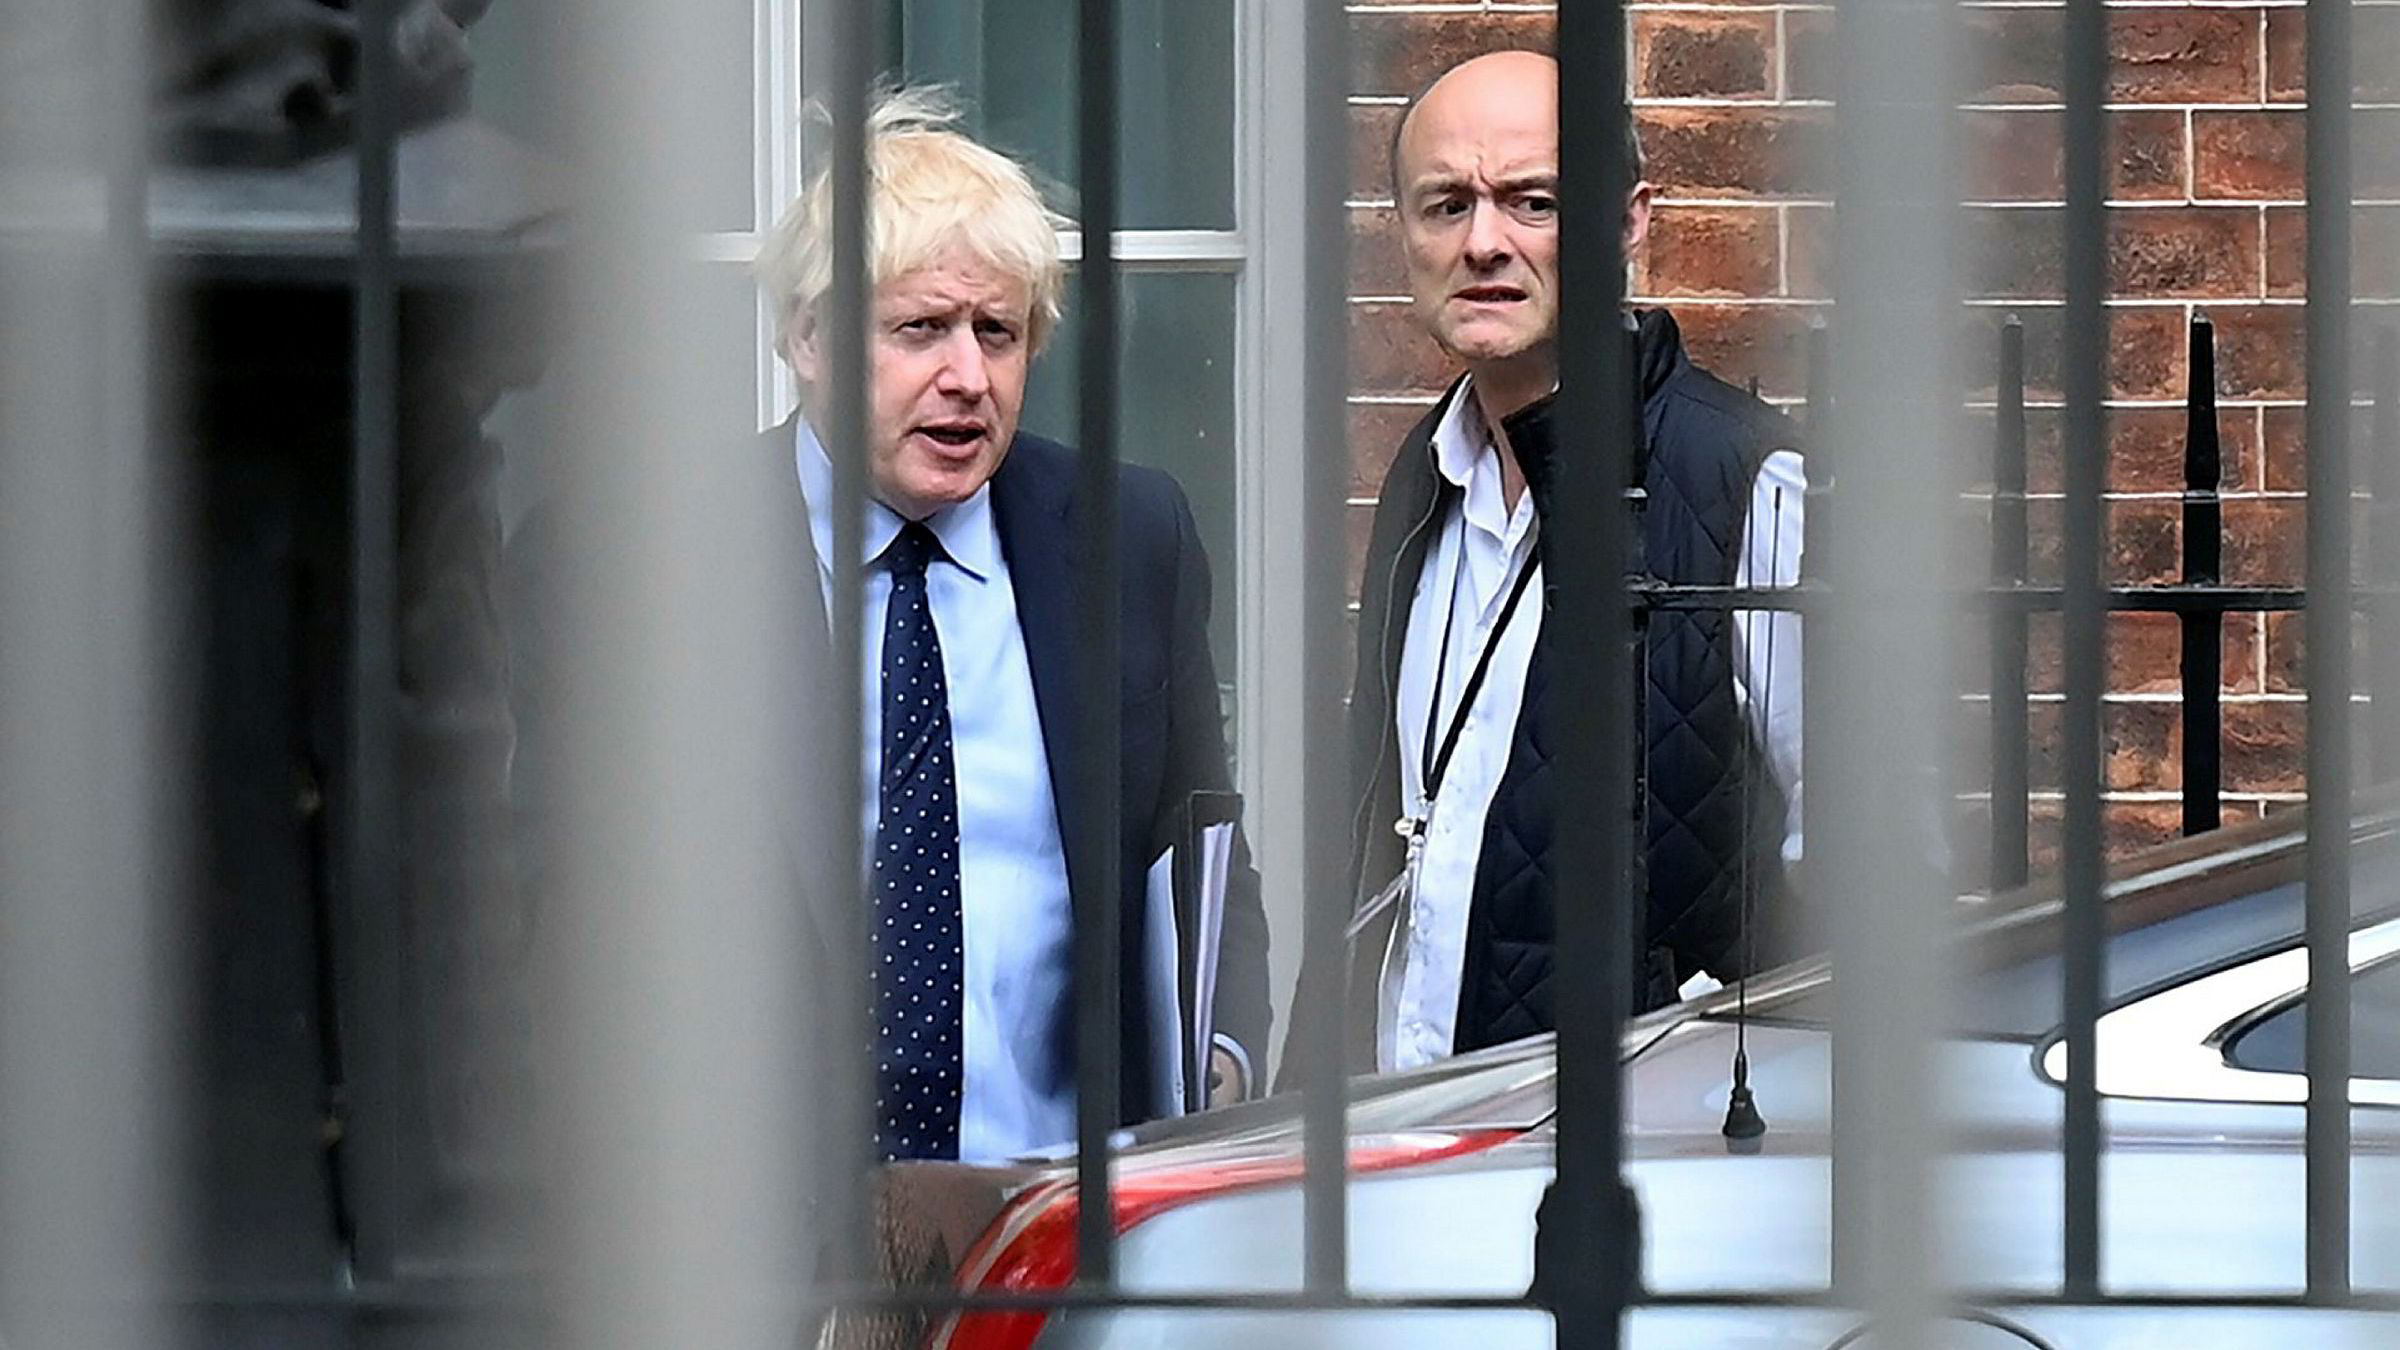 Statsminister Boris Johnson og hans spesialrådgiver Dominic Cummings på vei ut av nr. 10, Downing Street i London.